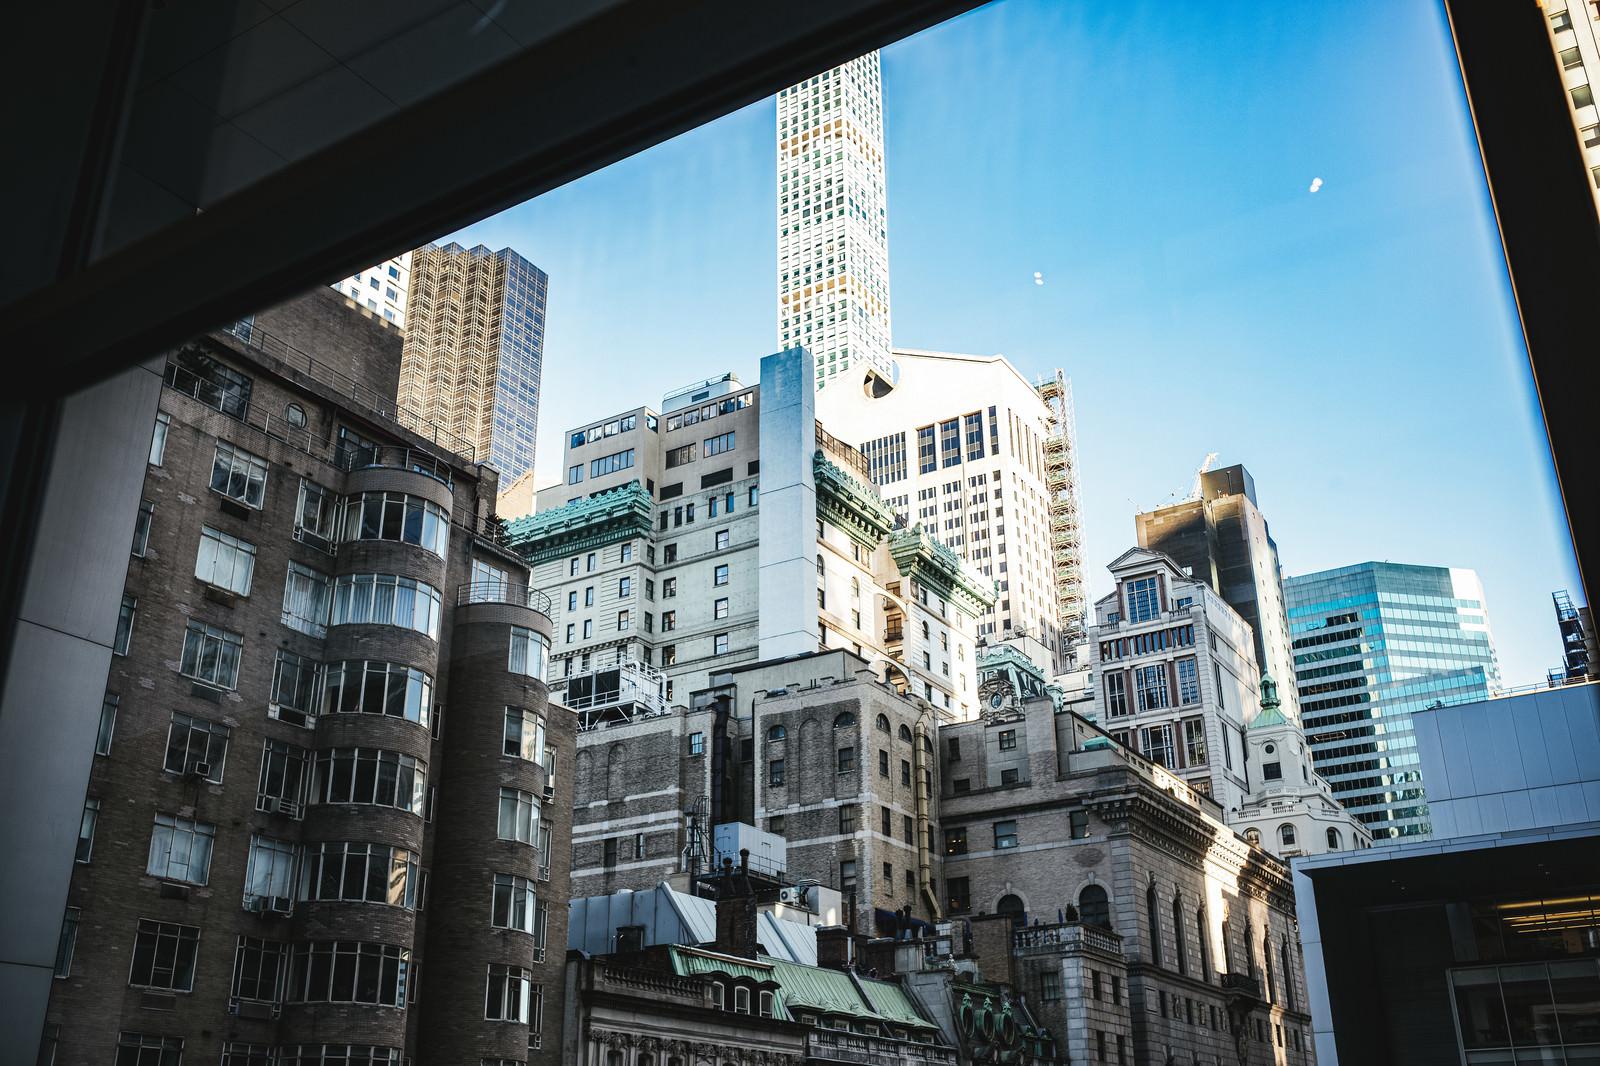 「窓越しに見るニューヨークの建物」の写真